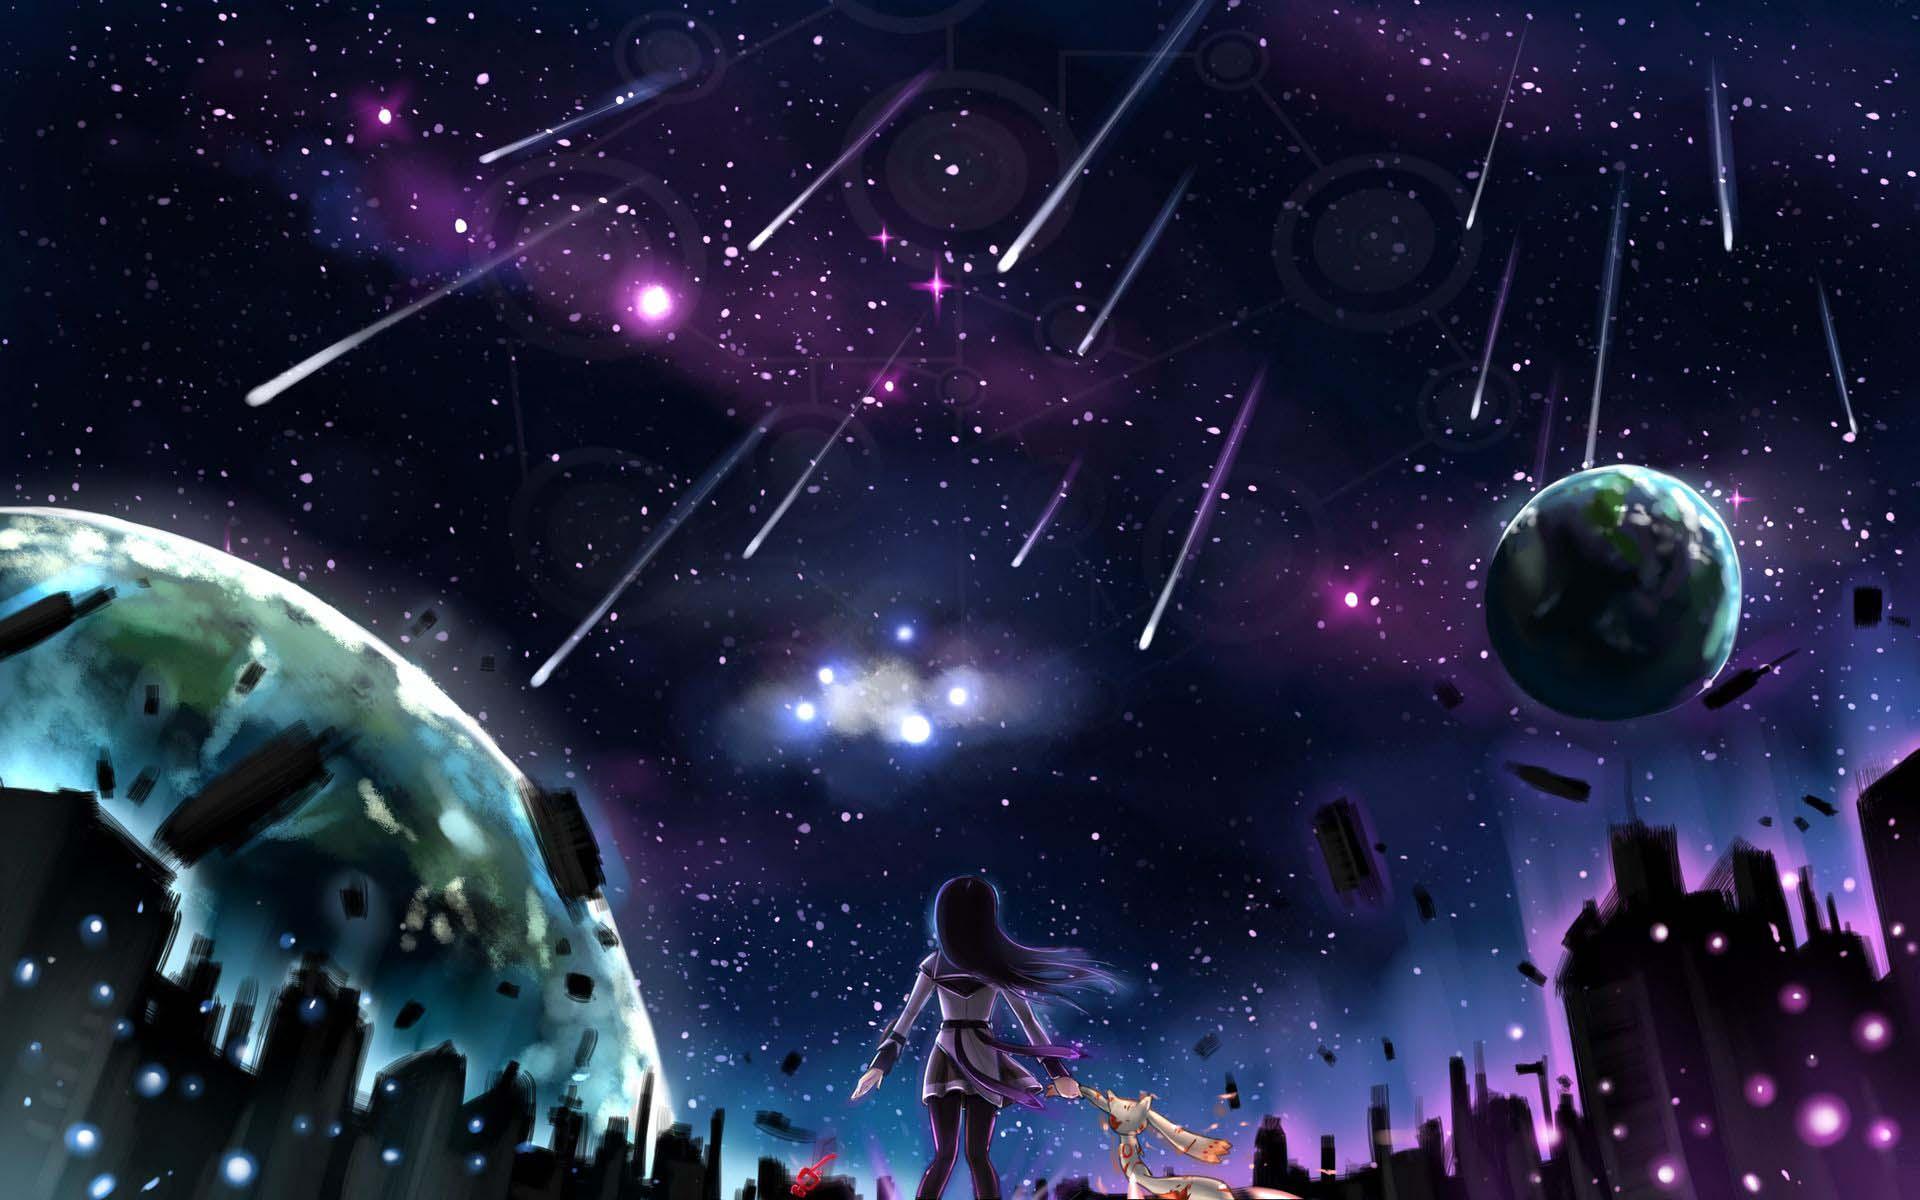 Ảnh anime galaxy lung linh, huyền ảo